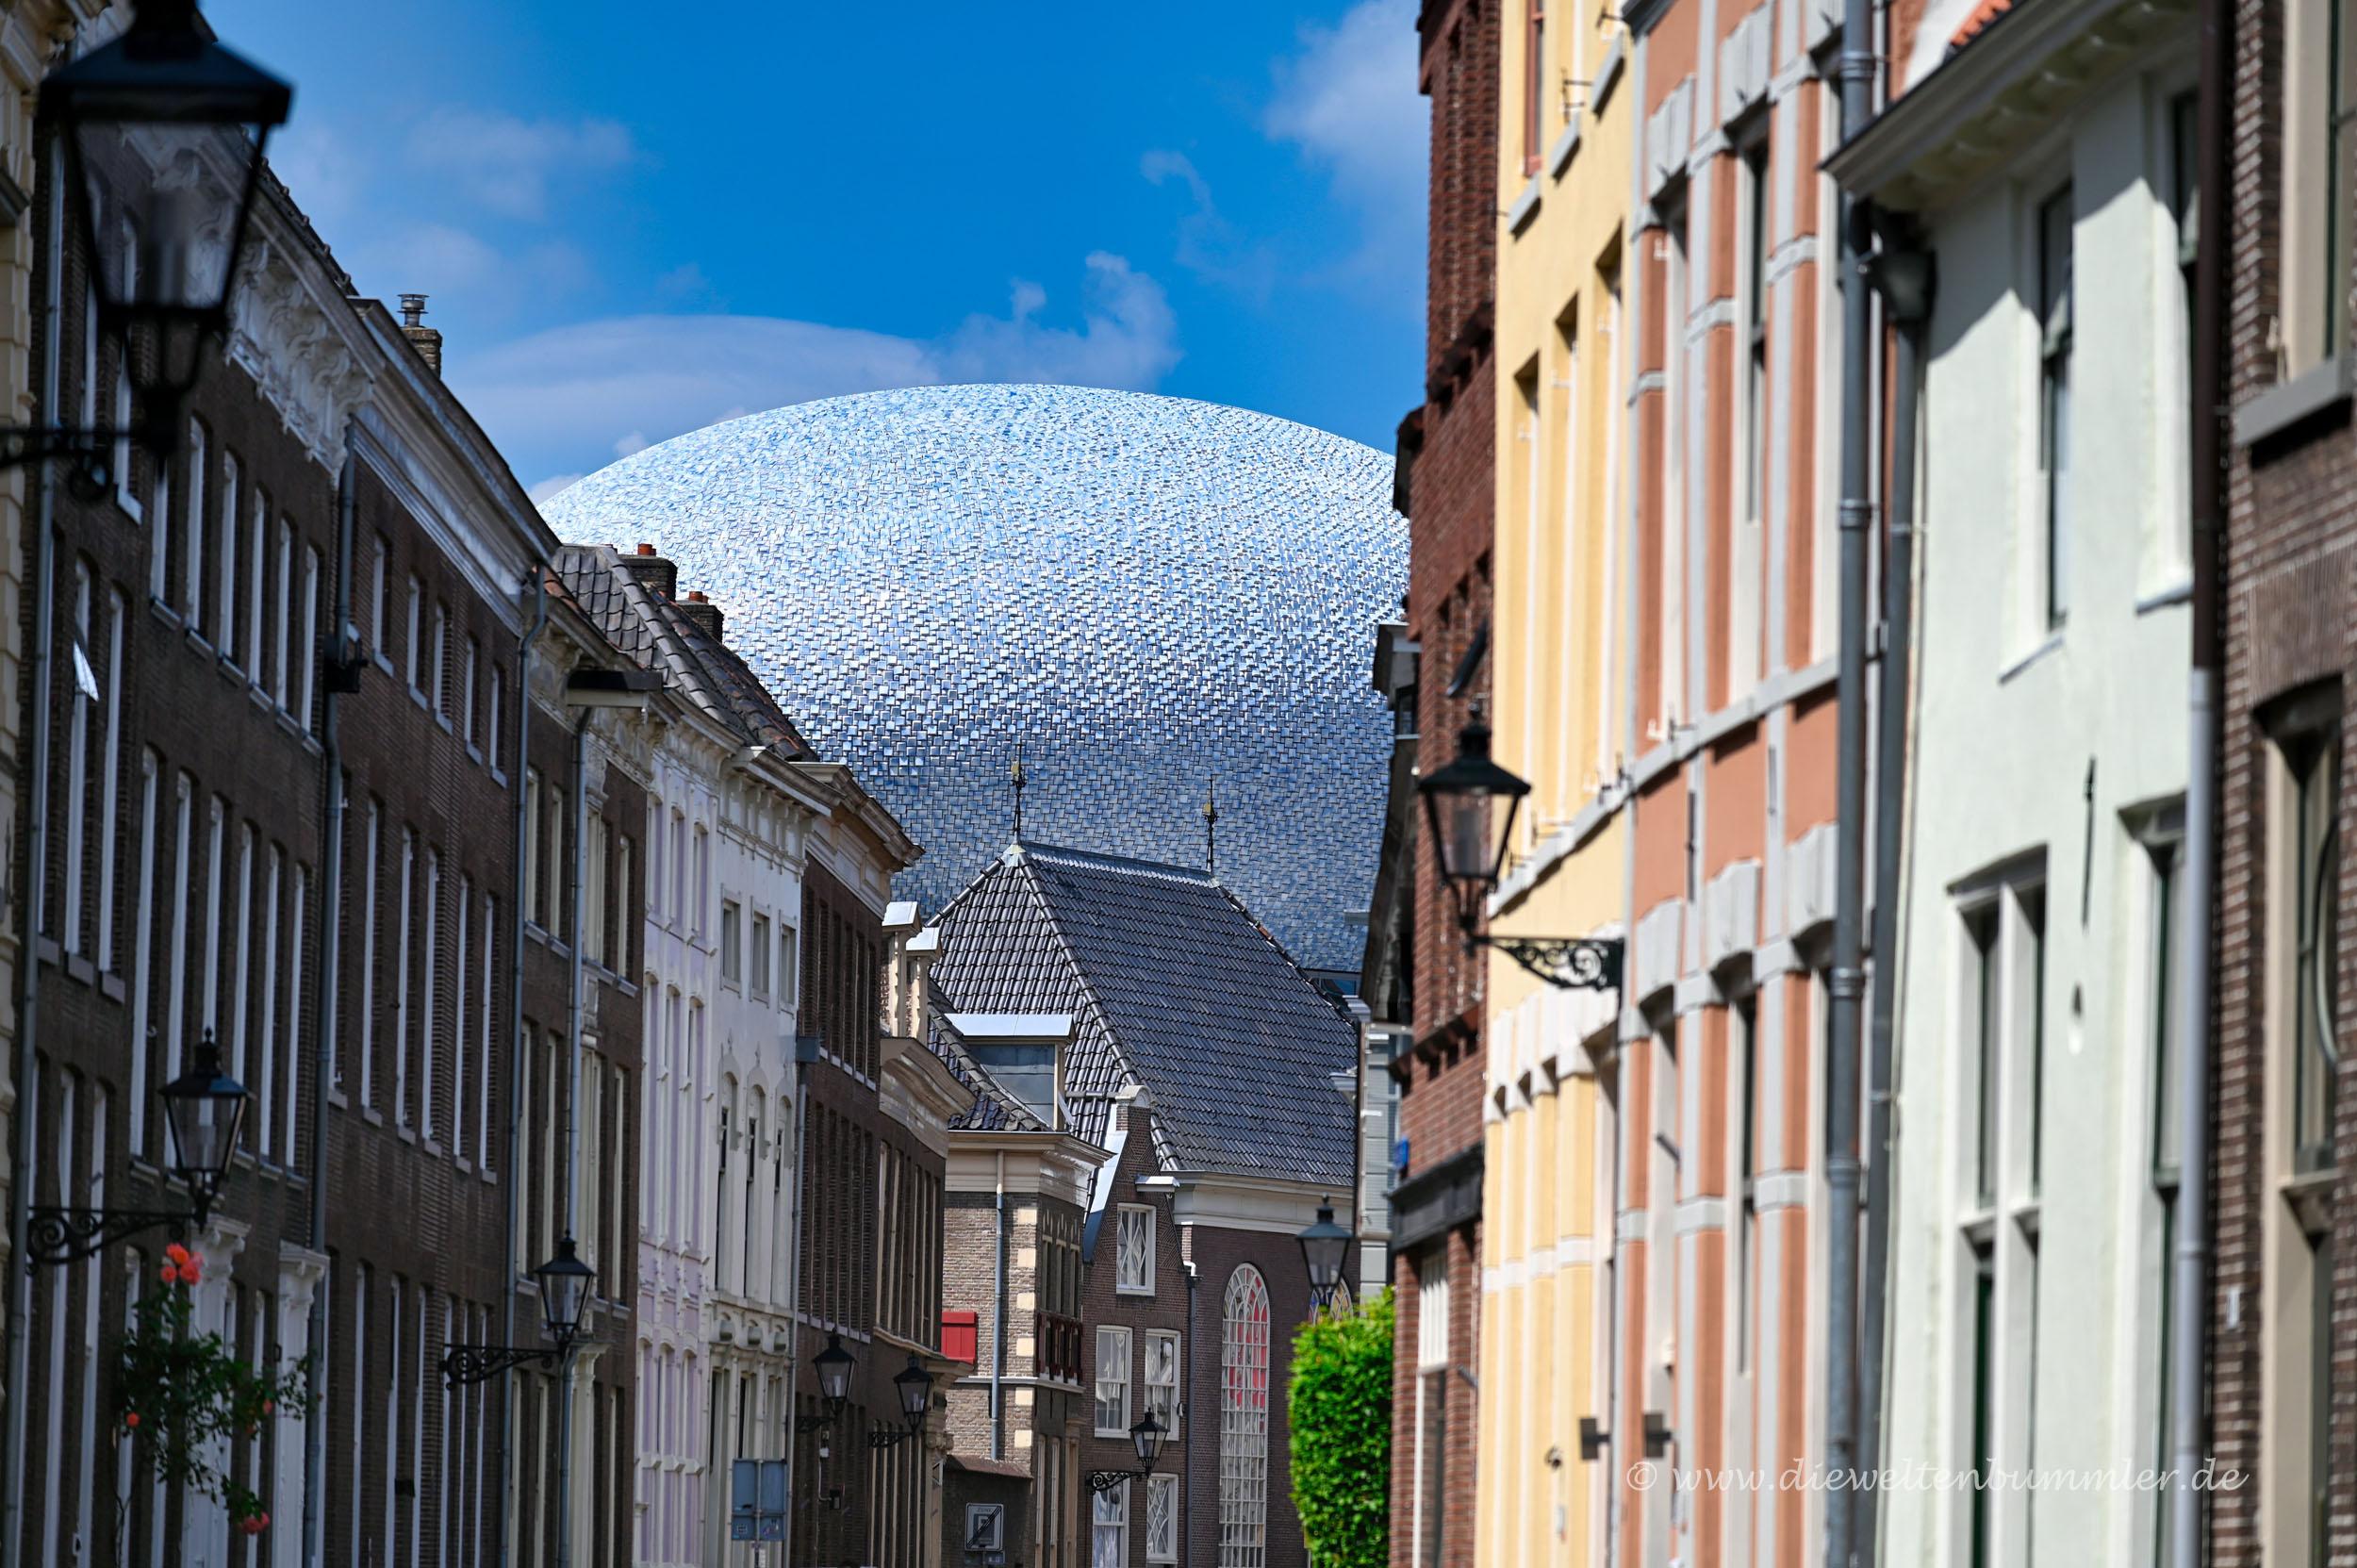 Sonderbares Dach in Zwolle